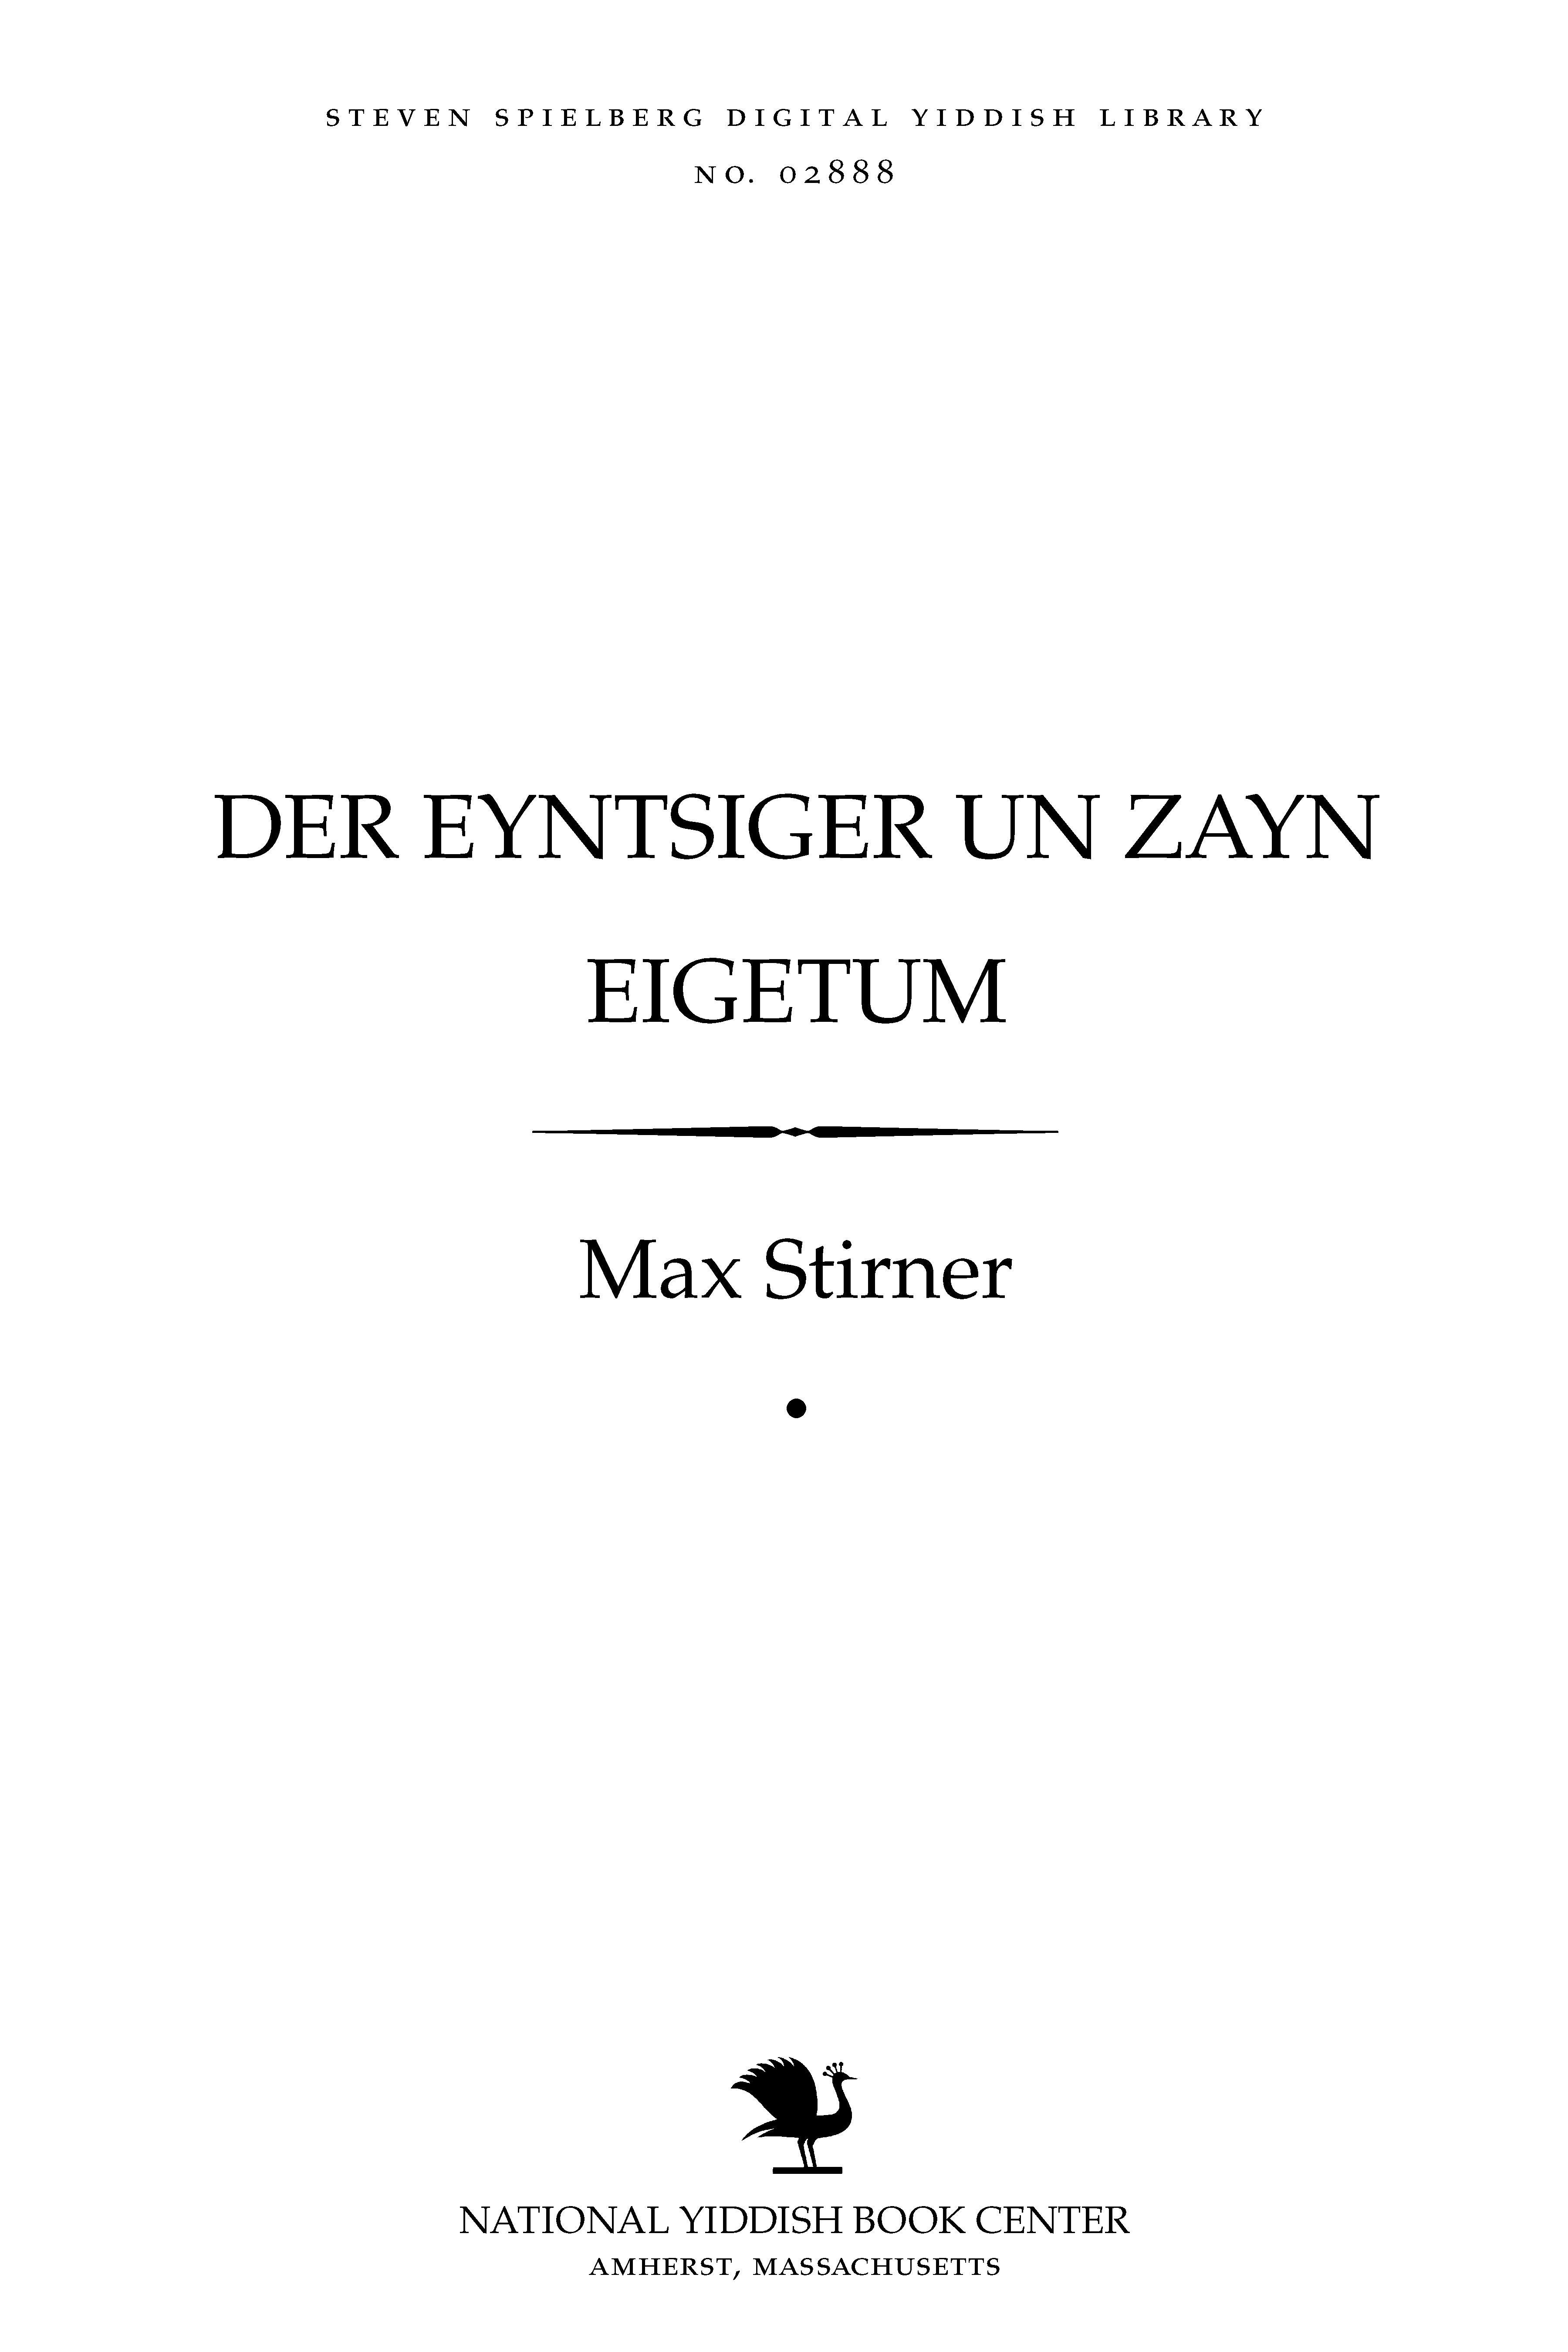 Cover of: Der eyntsiger un zayn eigetum =